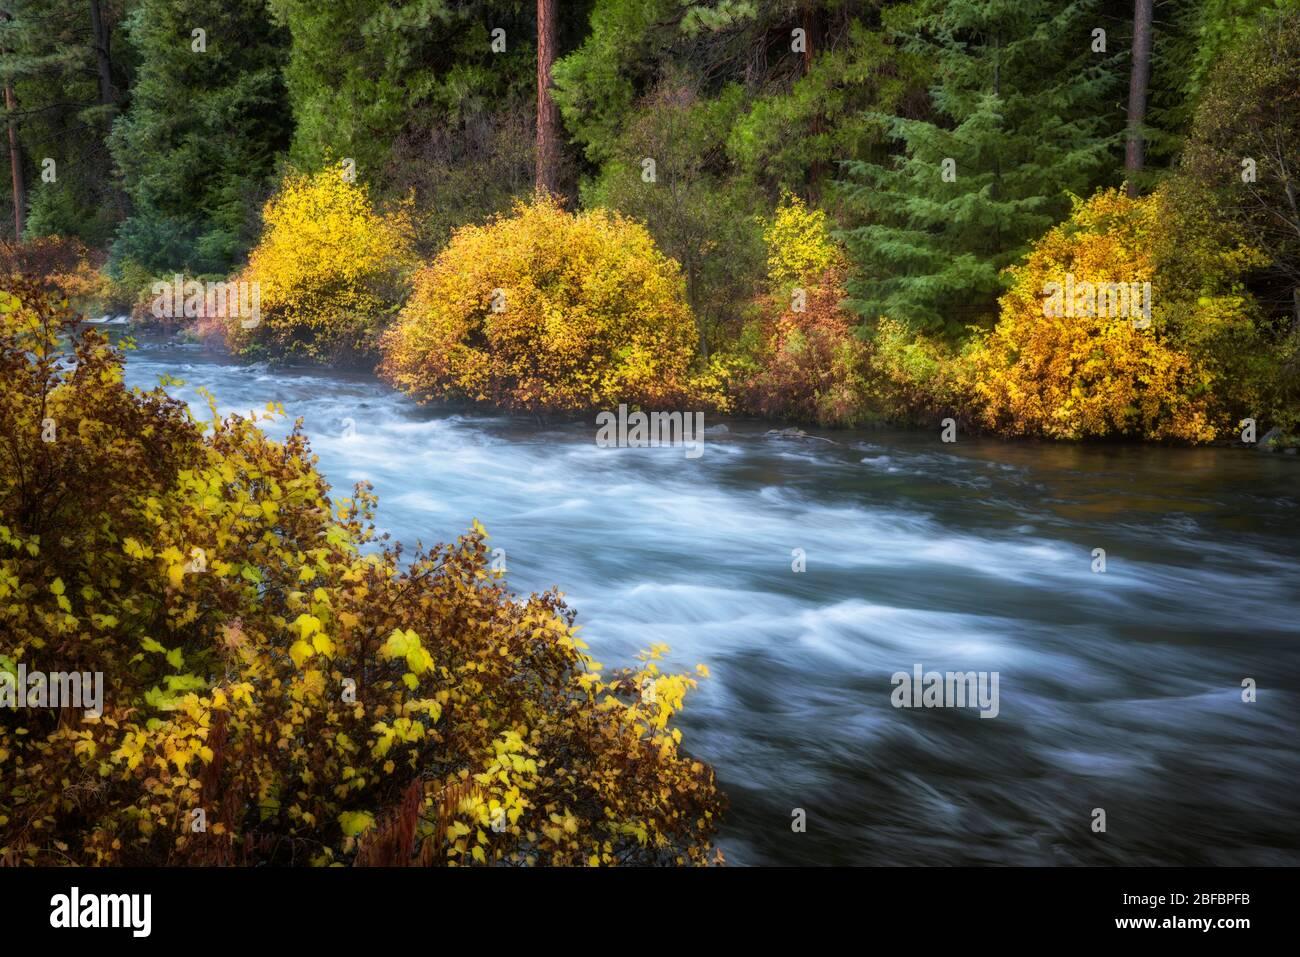 La rivière Wild & Scenic Metolius se déverse dans des couleurs éclatantes de l'automne près de Camp Sherman dans le comté de Jefferson, dans le centre de l'Oregon. Banque D'Images